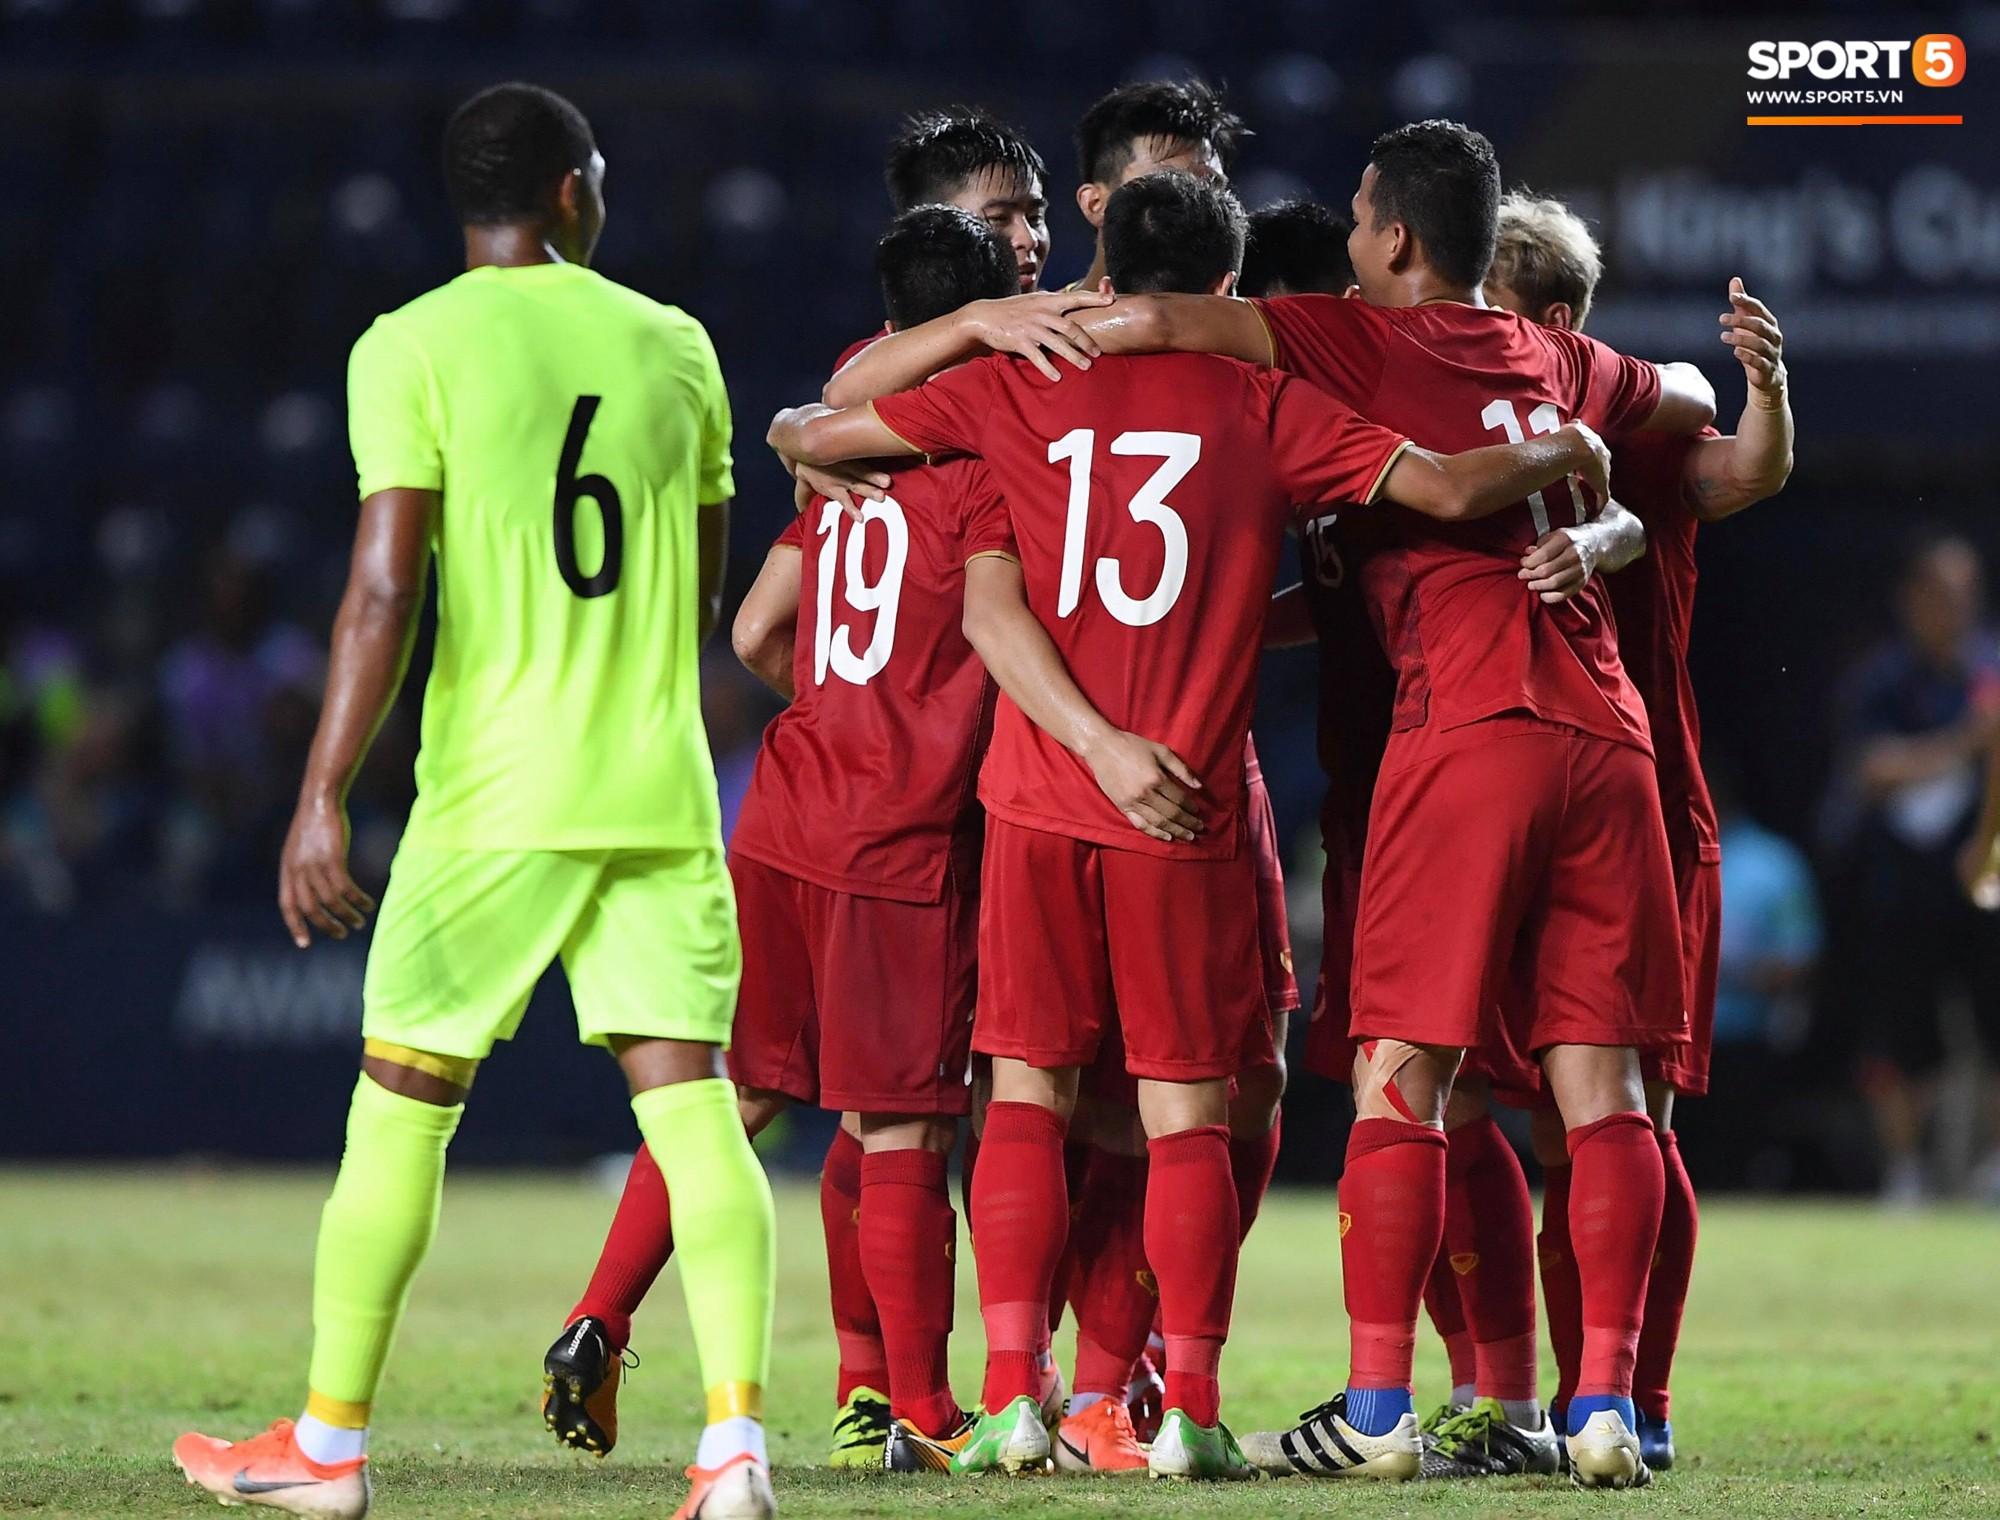 Thua chung kết Kings Cup, tuyển Việt Nam vẫn có lợi thế bất ngờ này ở vòng loại World Cup 2022 - Ảnh 1.